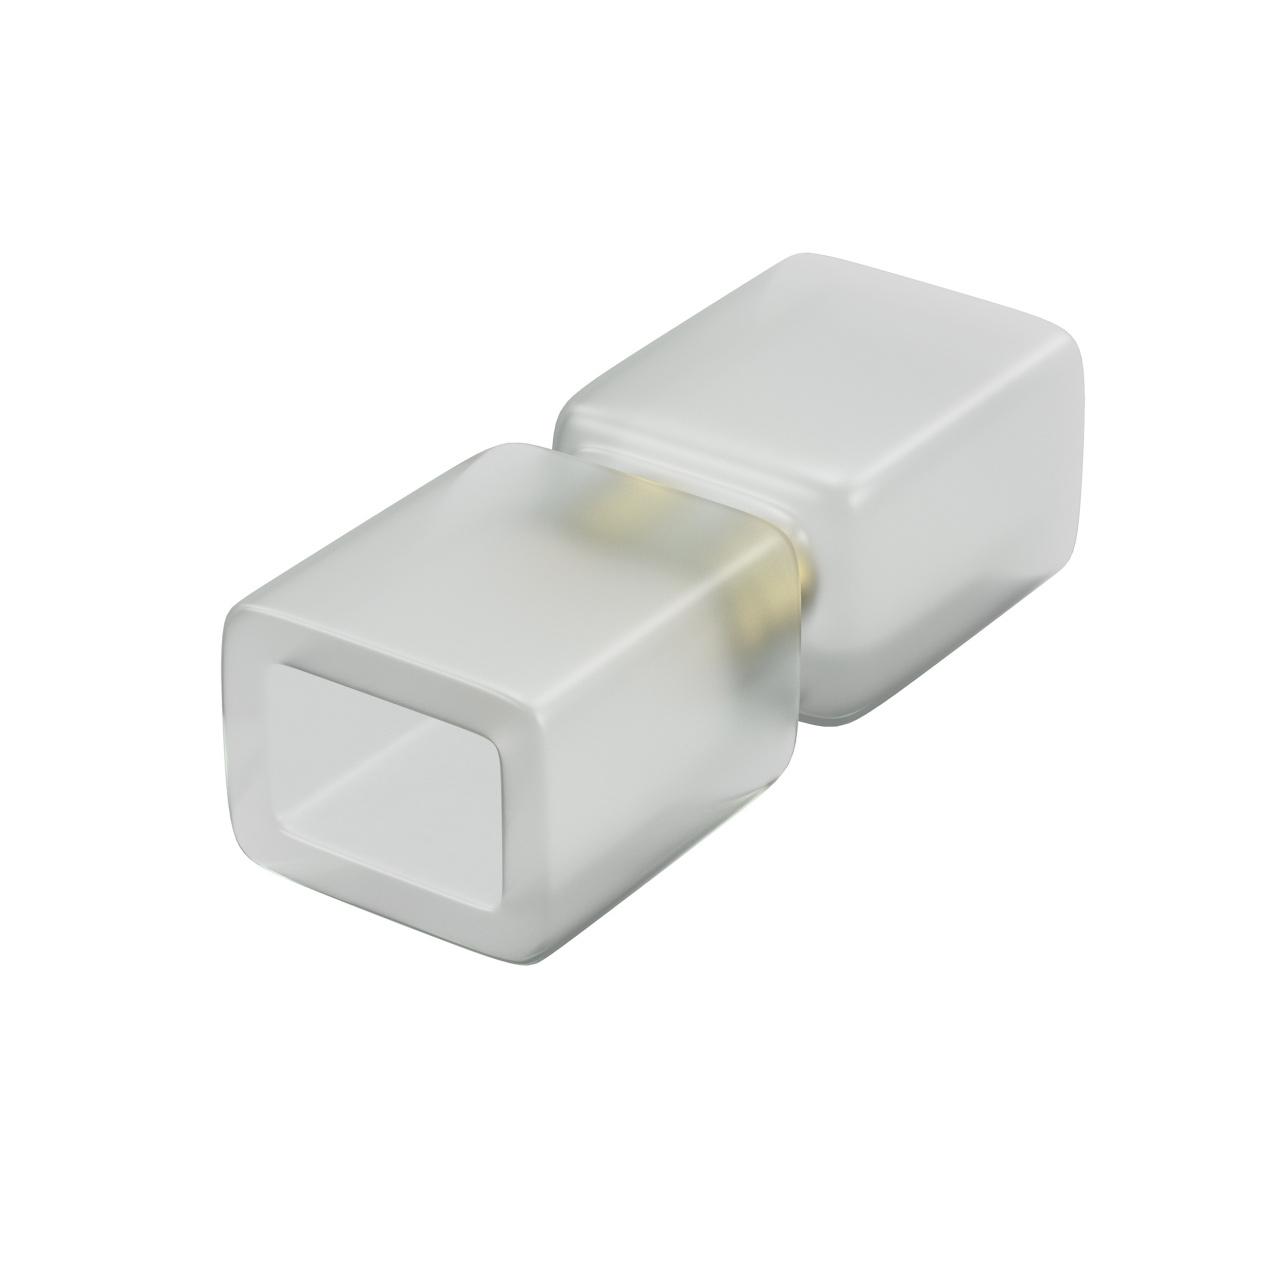 Соединитель для ленты 220 вольт 3528/60 3014/120 (лента-лента) Lightstar 408901